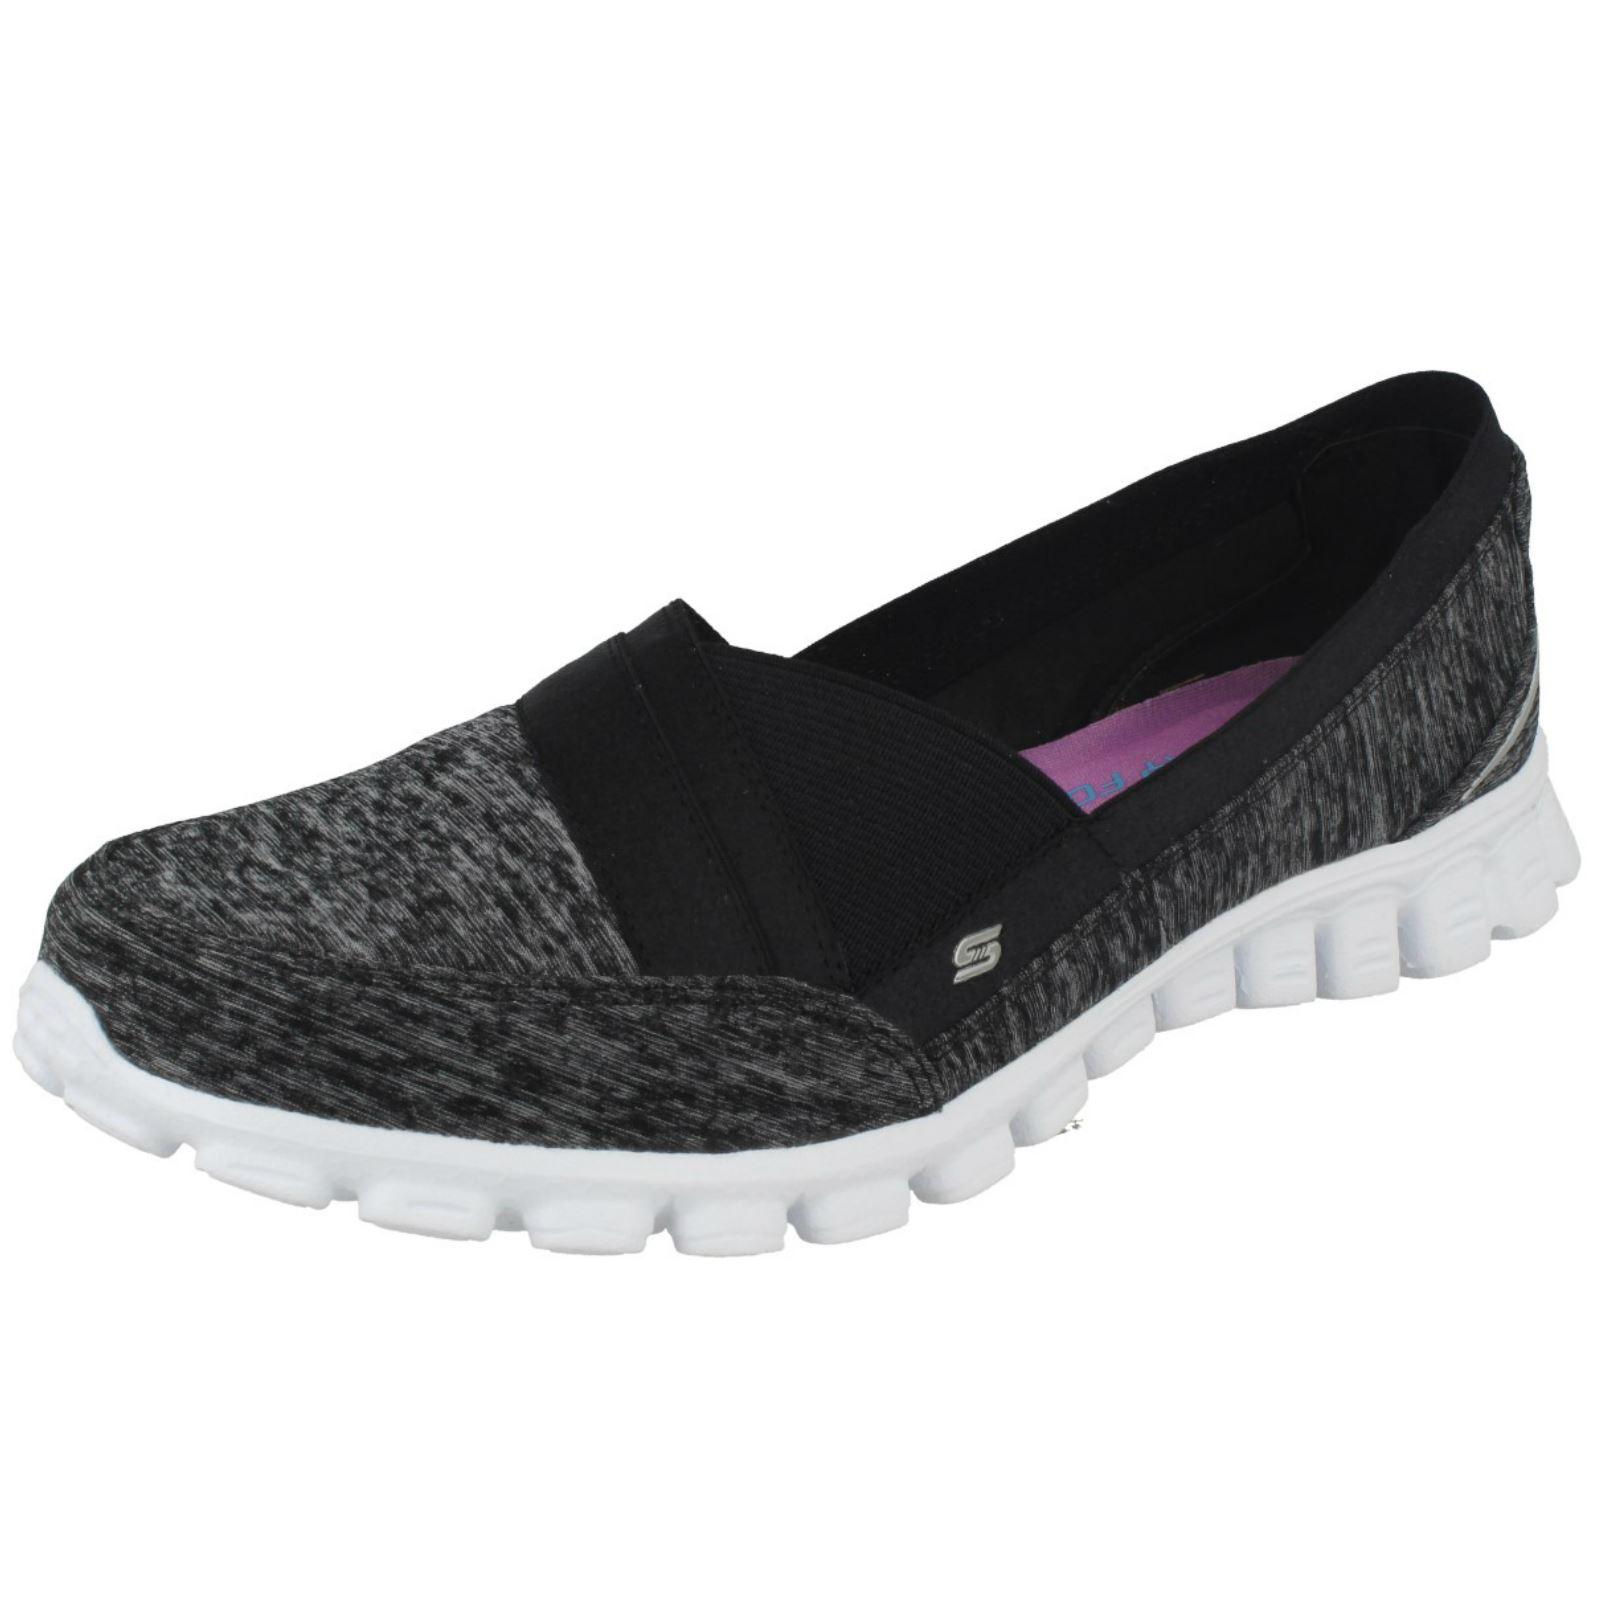 Details about Skechers Ez Flex 2 Stretch Weave Womens Casual Shoes ShopShoesAU